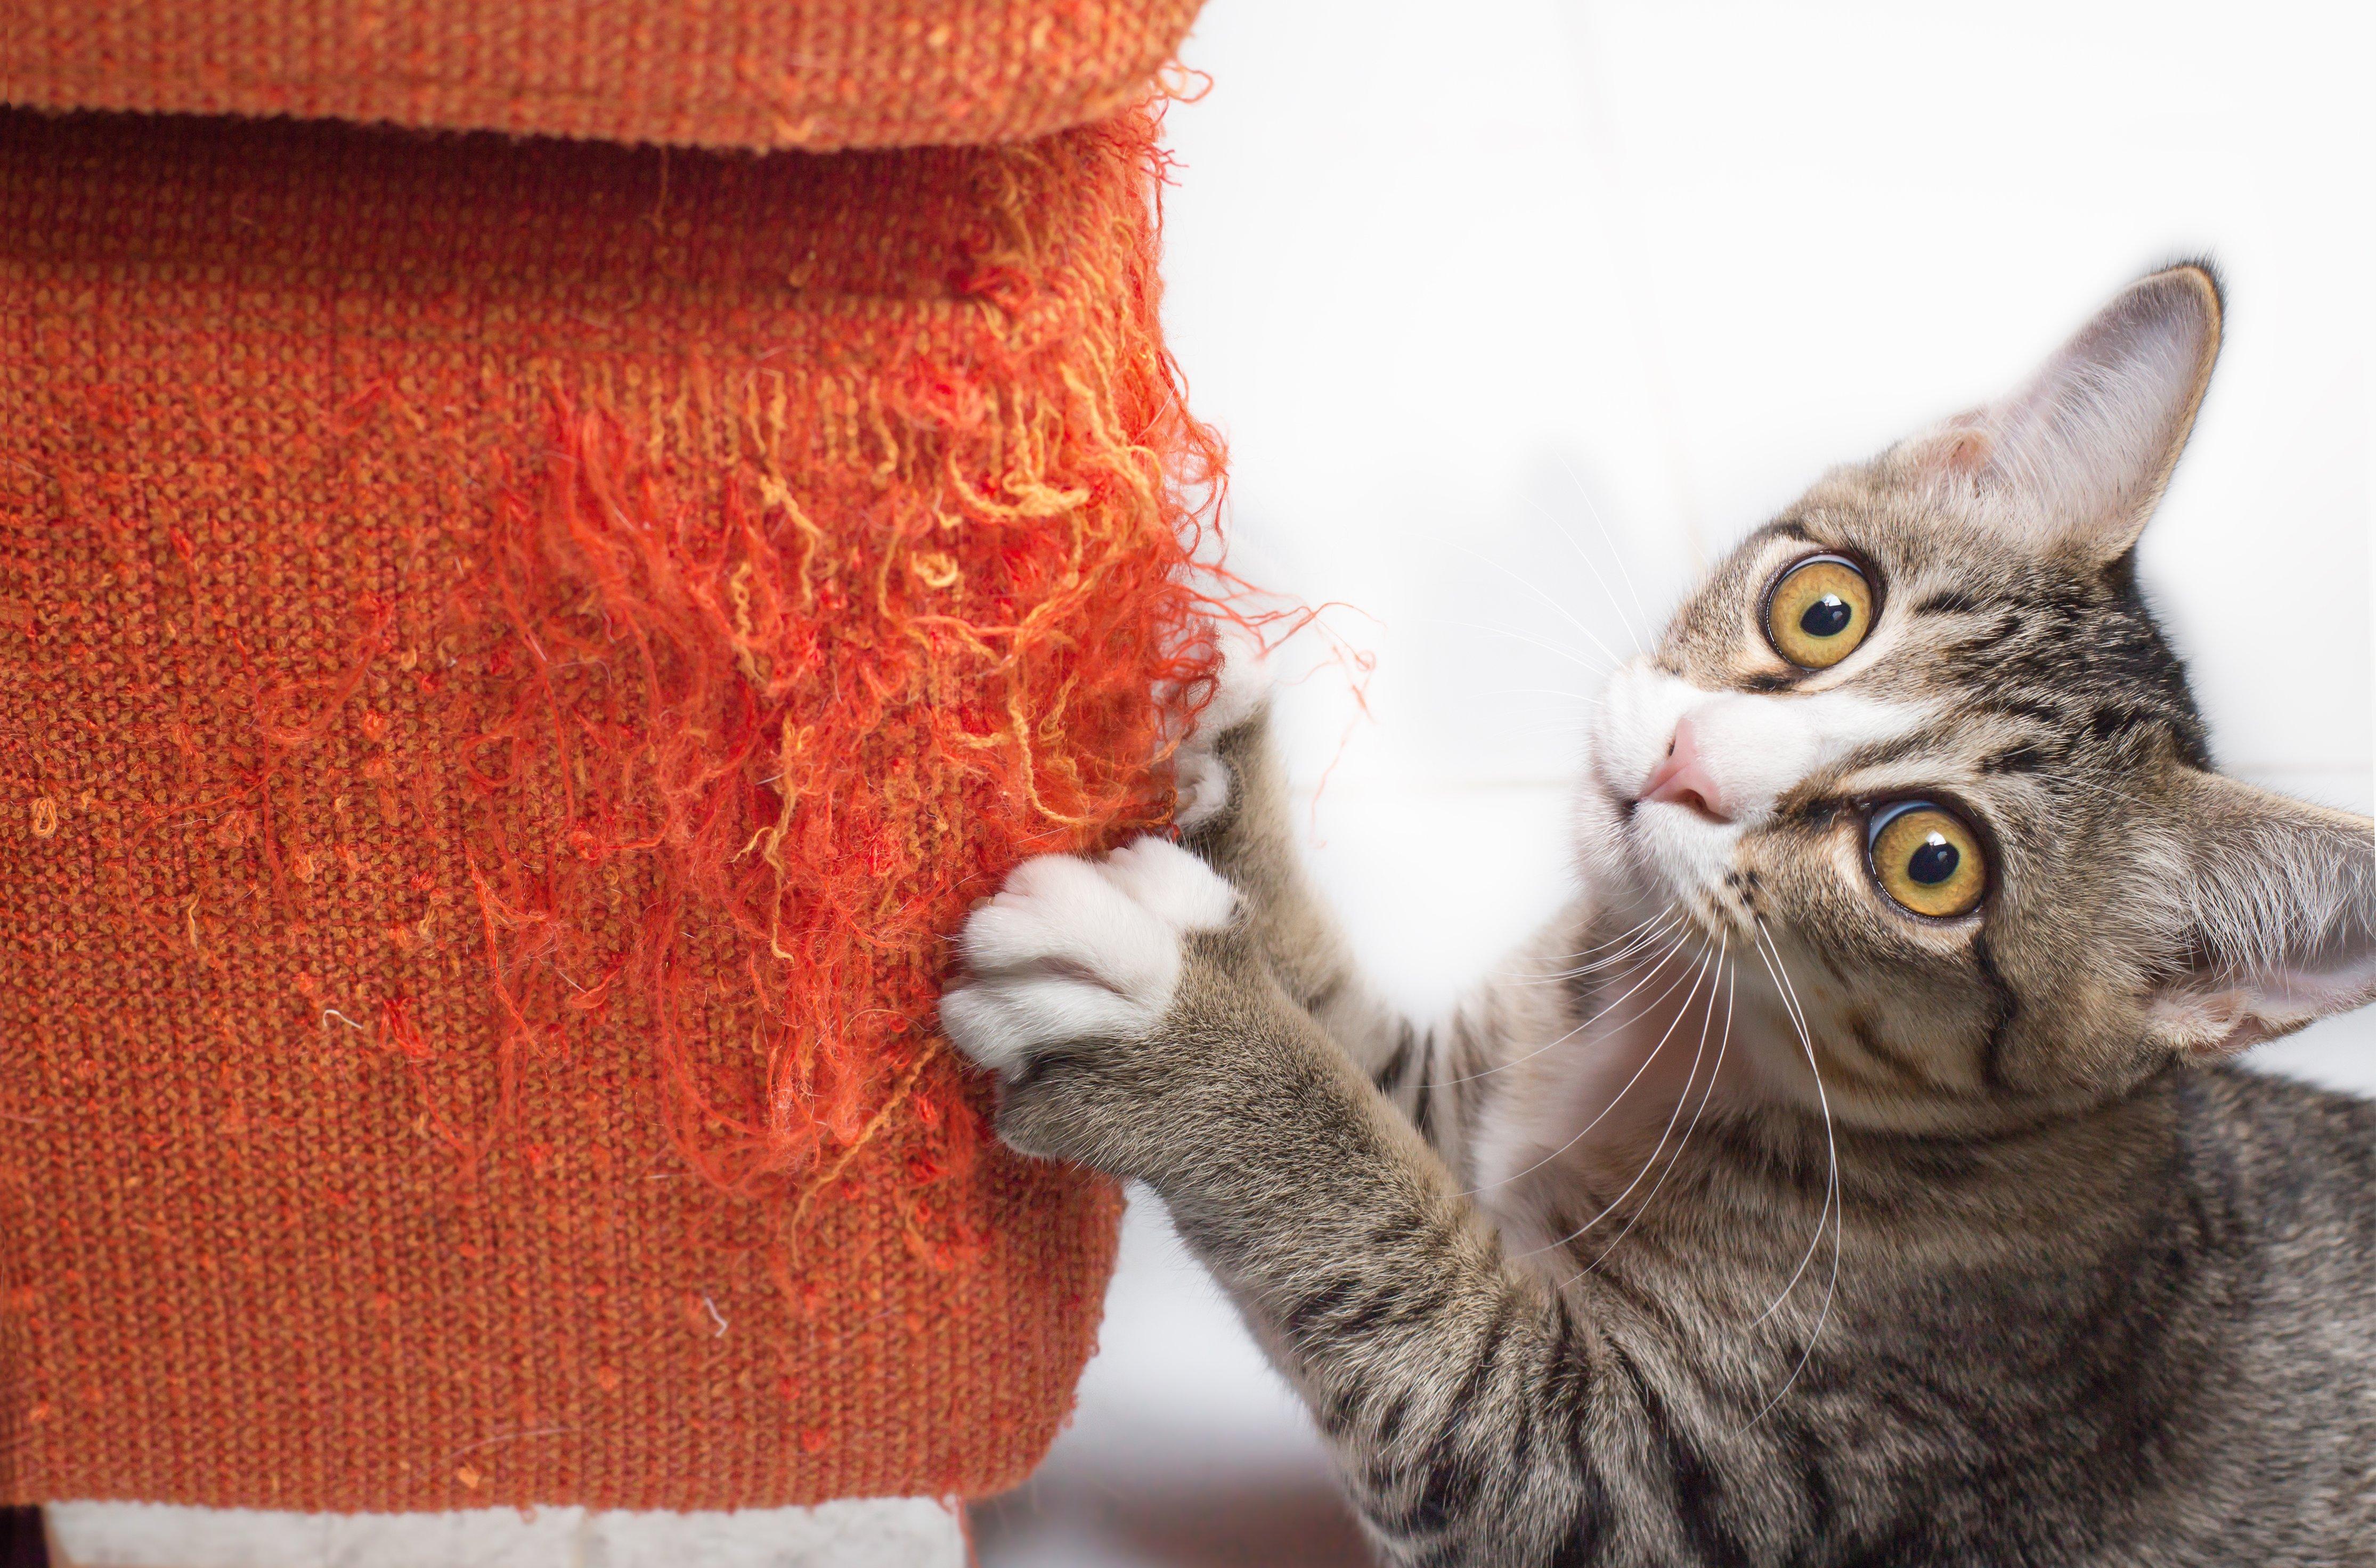 Czy można oduczyć kota niepożądanych zachowań?